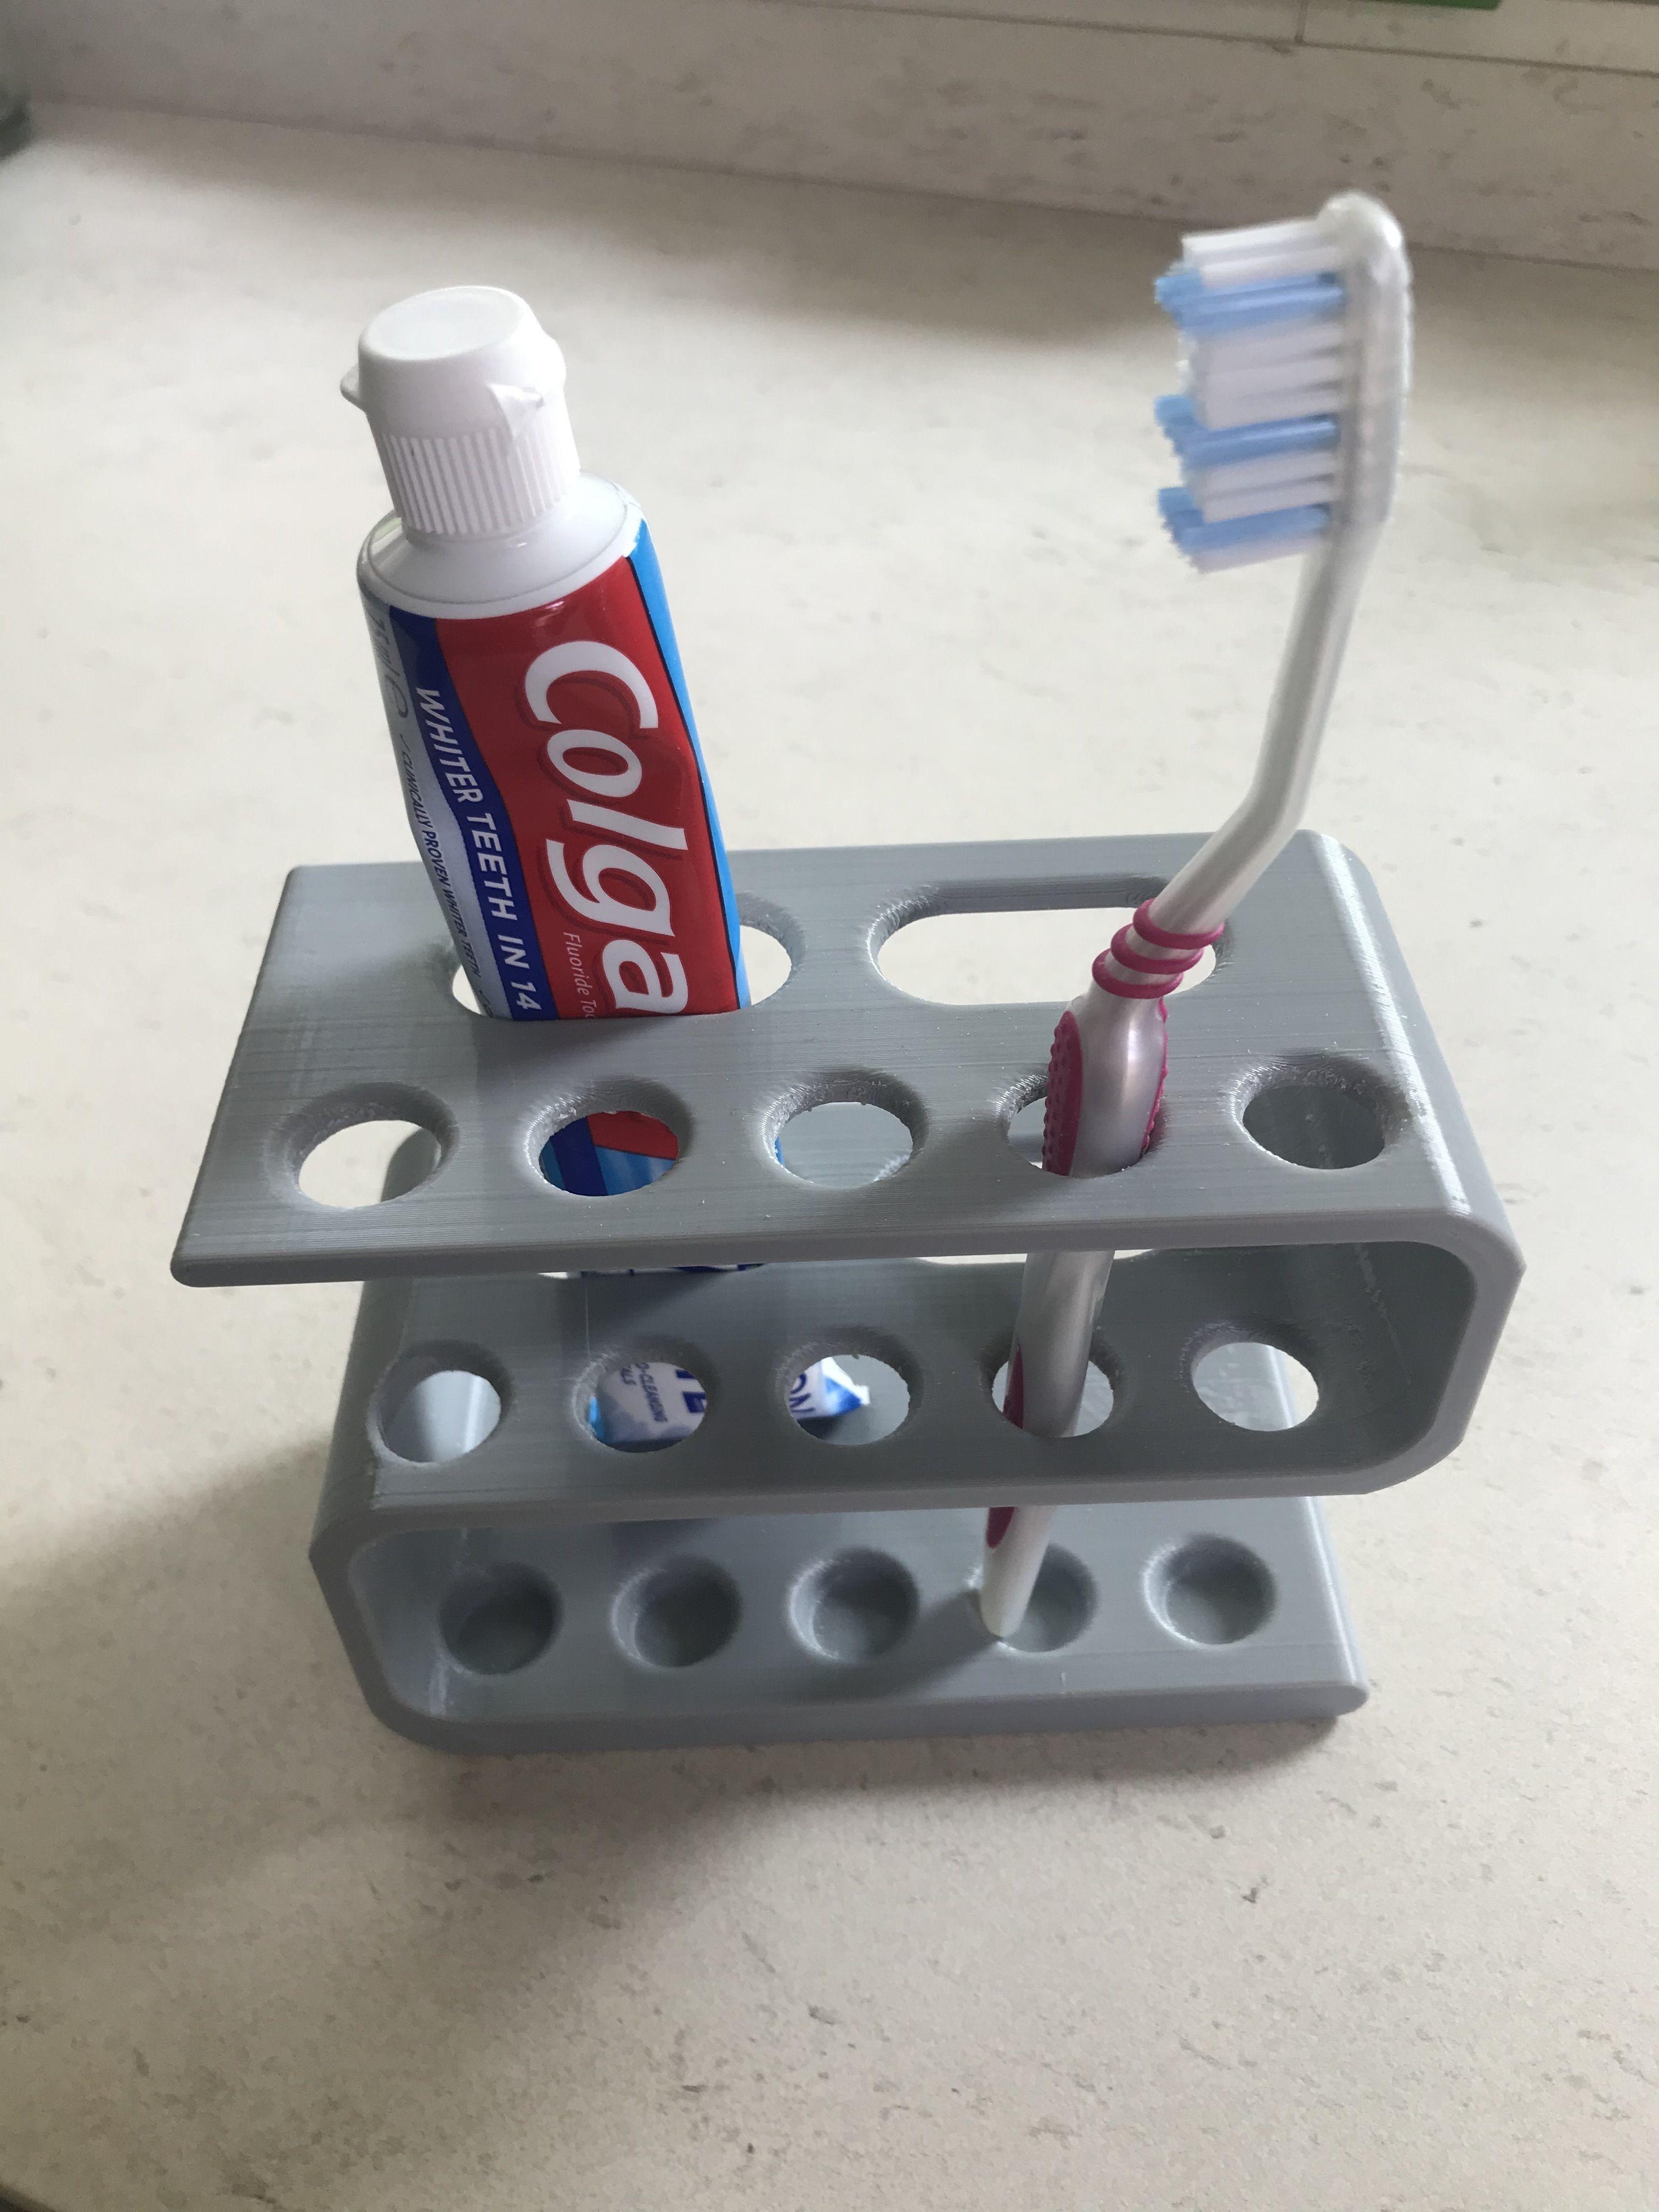 Modern Toothbrush holder